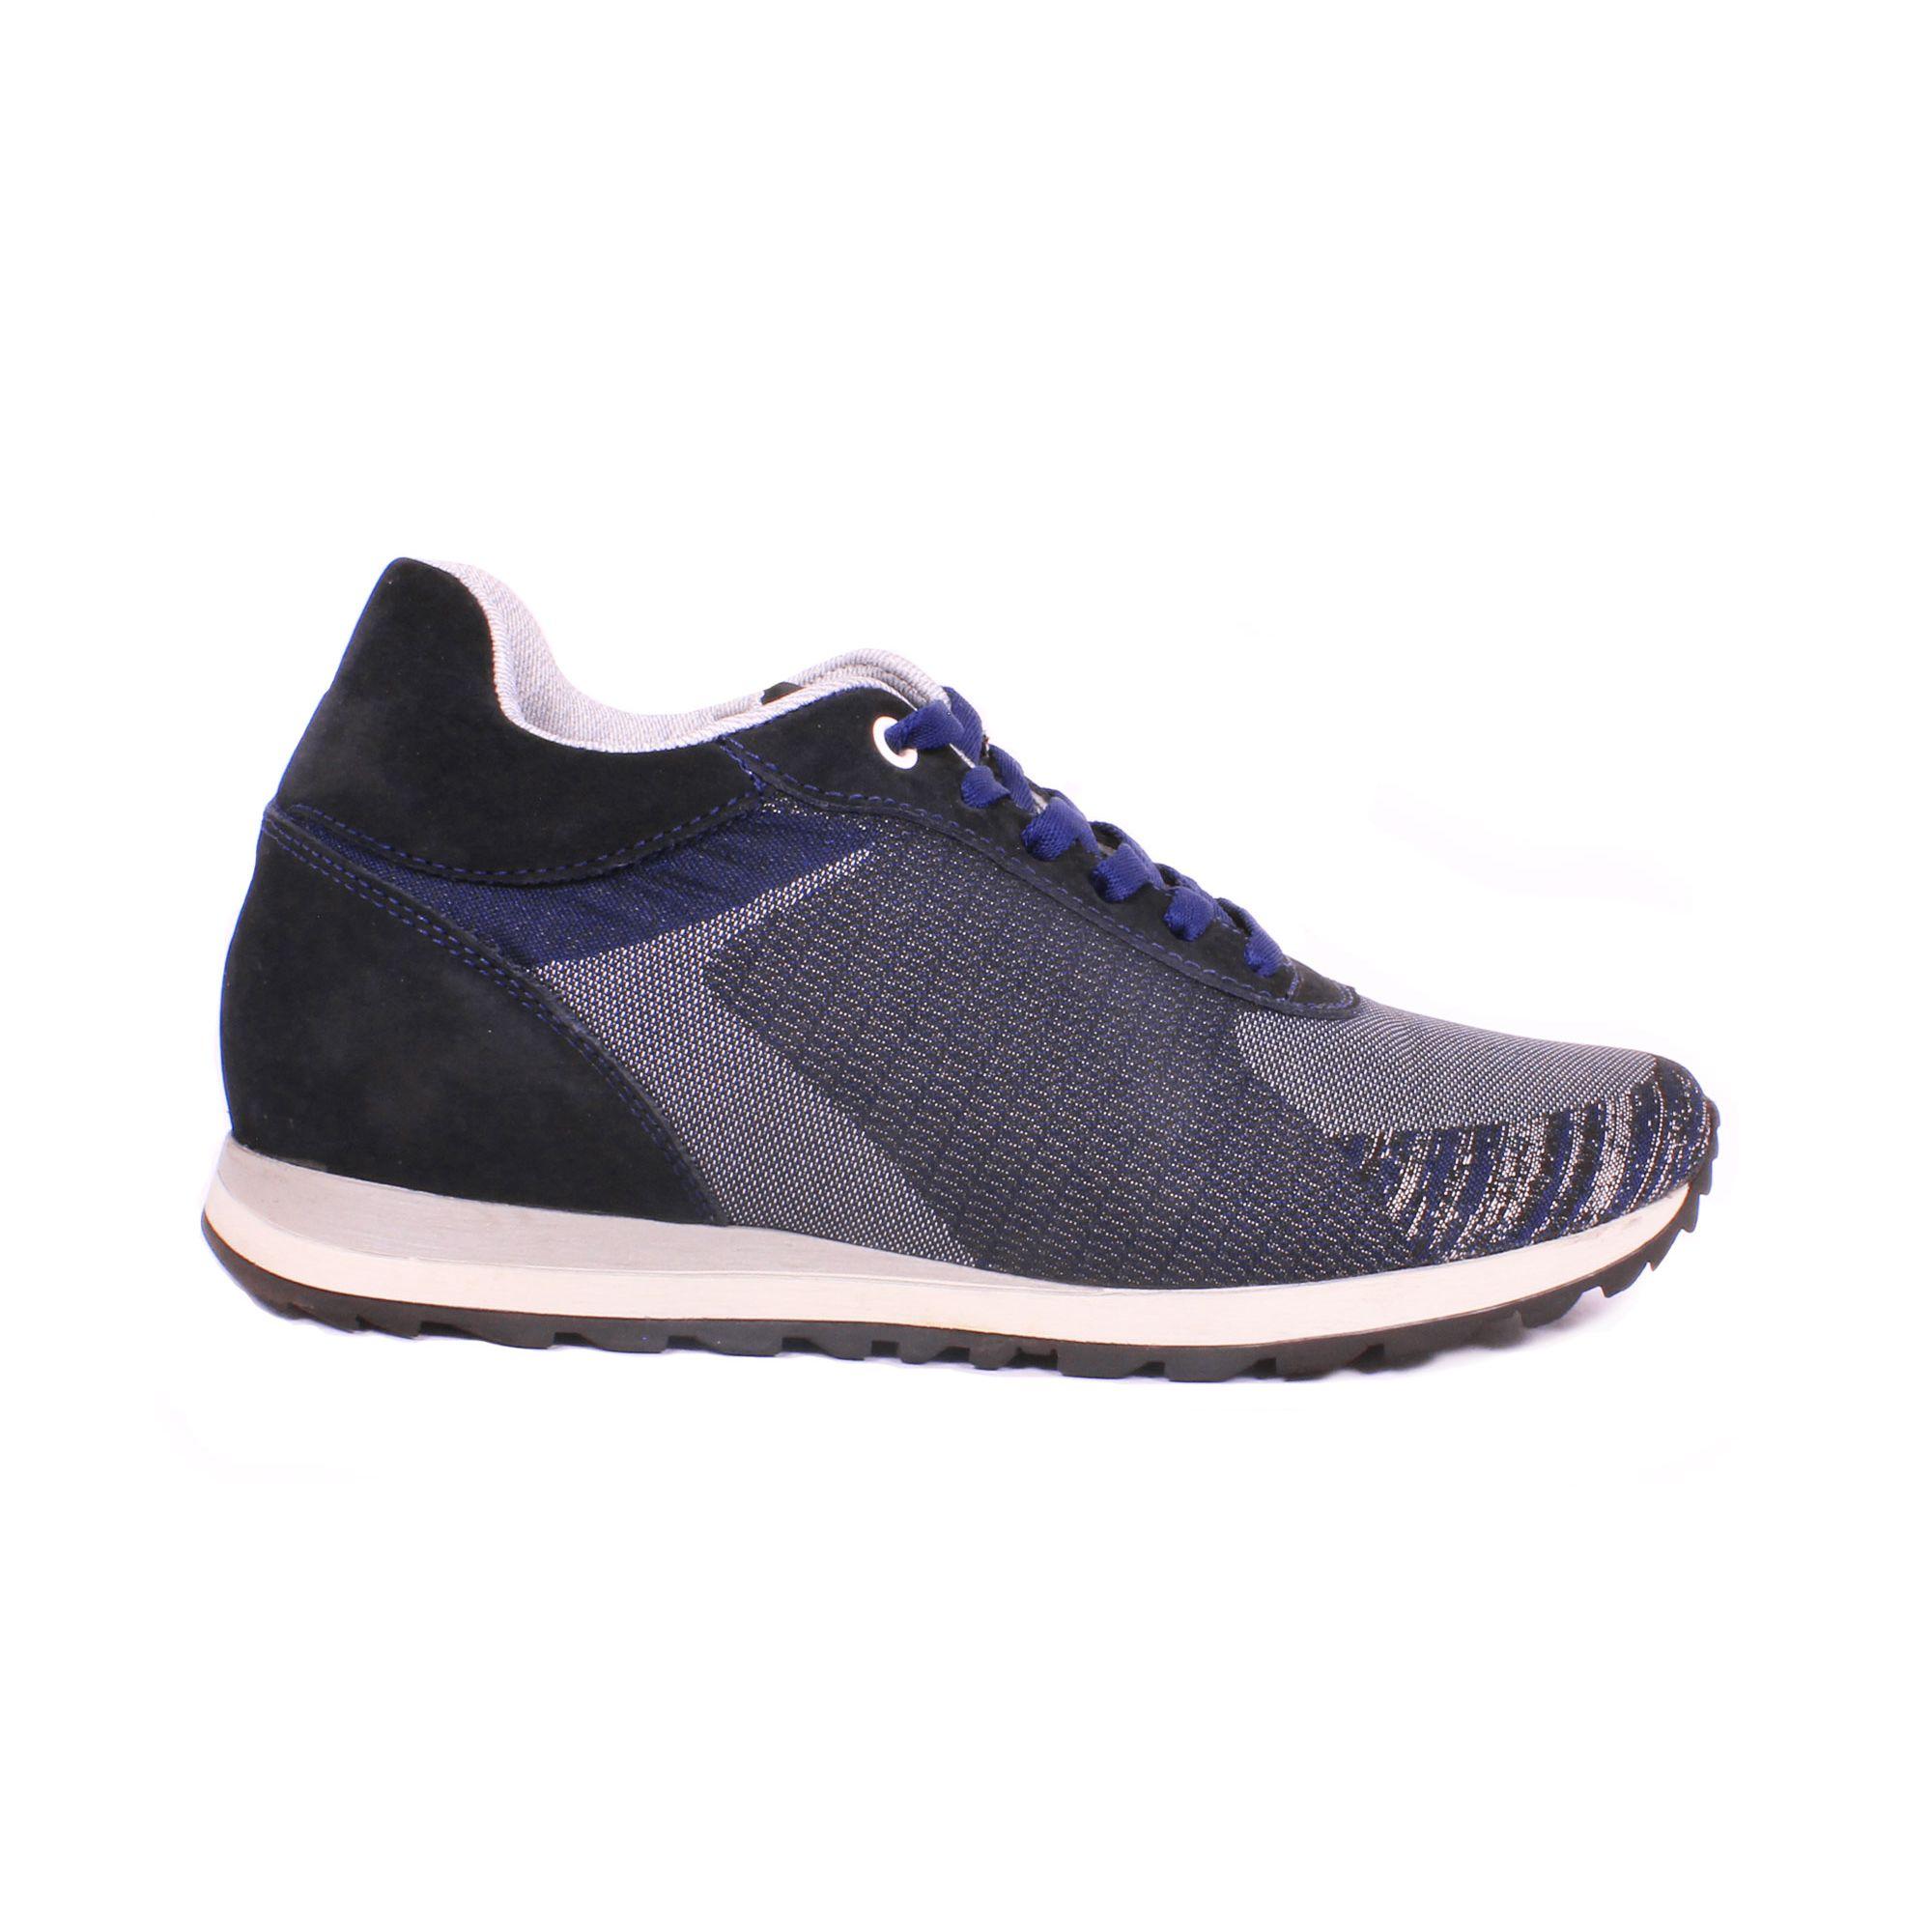 Tenis Unlimited Azul Max Denegri +7cm de Altura_70851